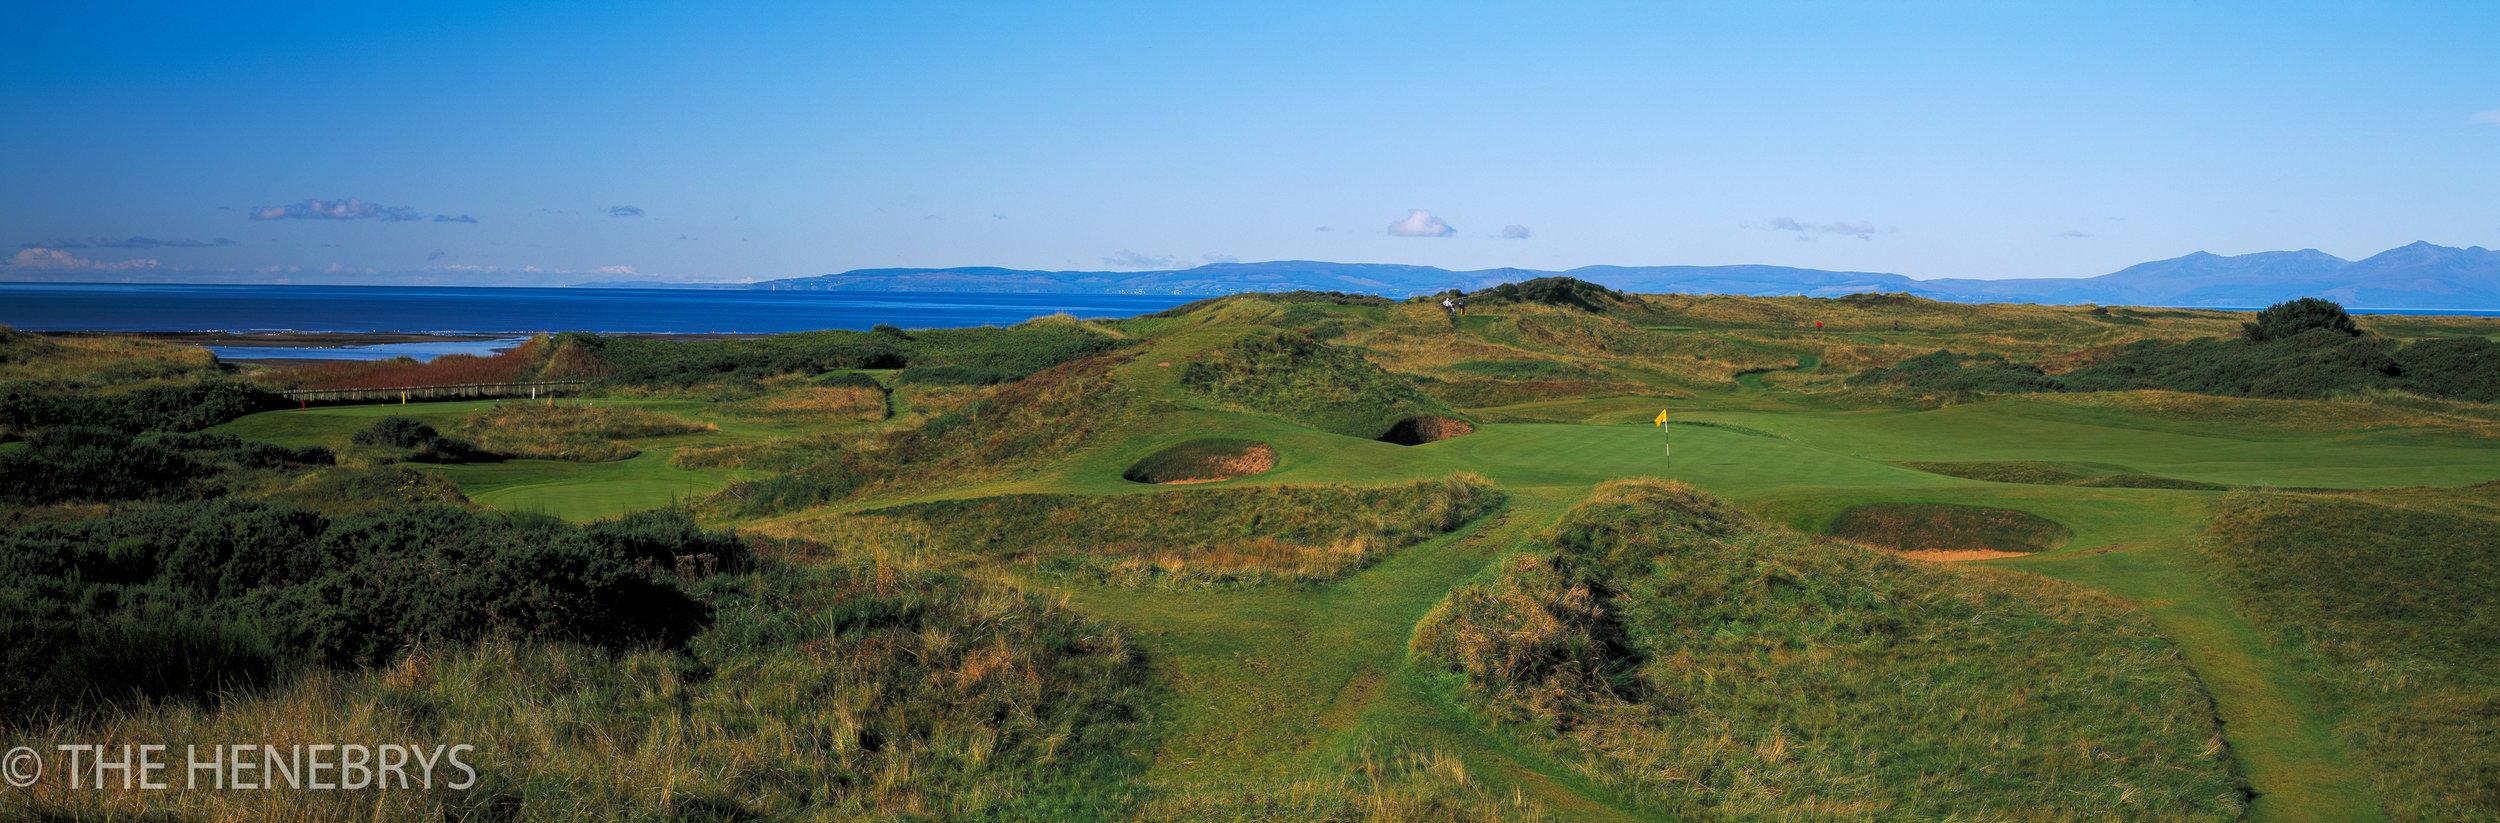 Royal Troon Golf Club #08, Troon, Scotland